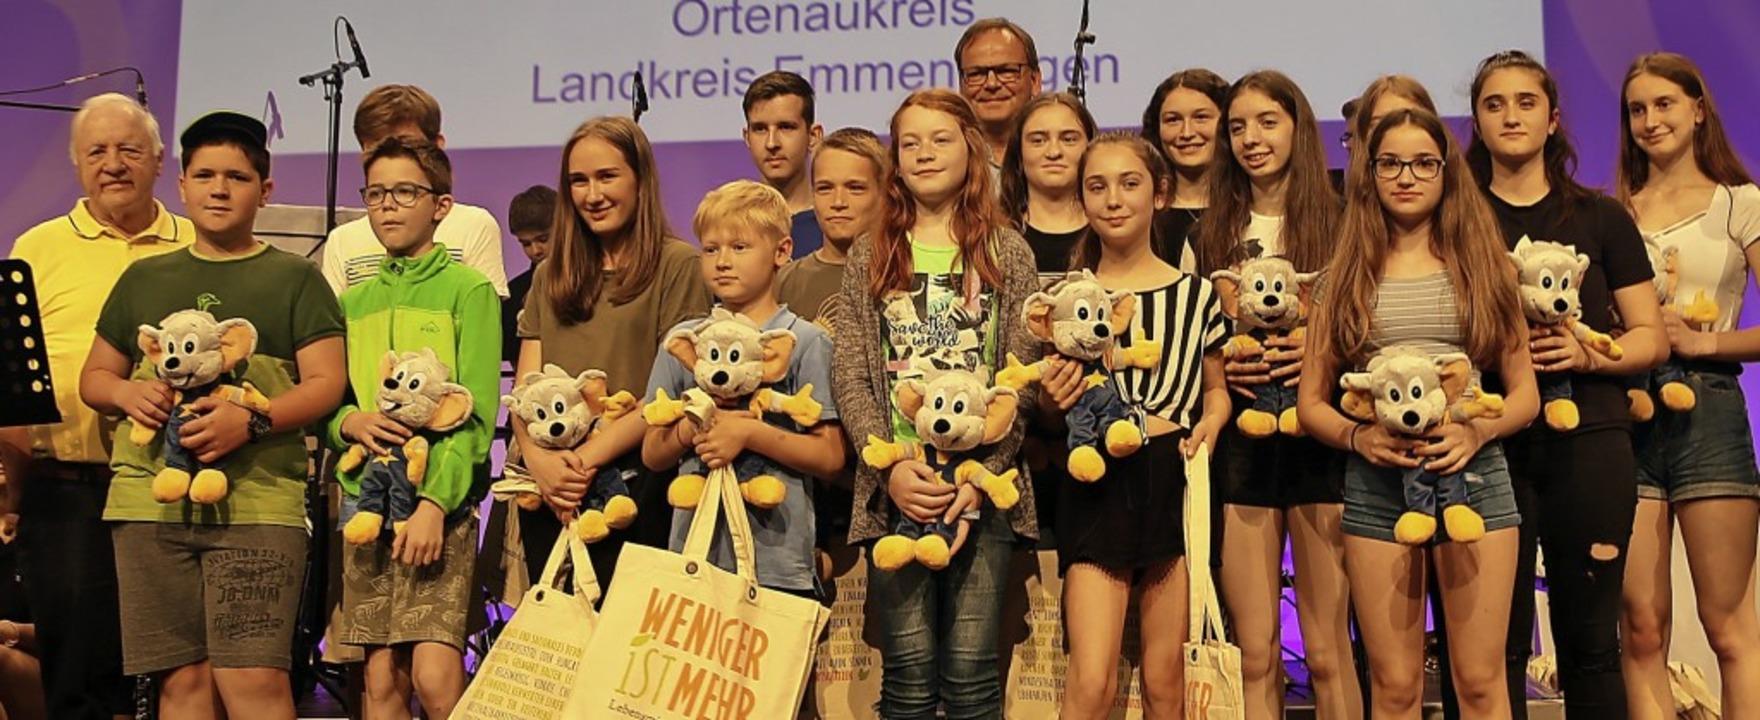 Ein Teil der Preisträgerinnen und Prei...(Mitte) <BZ-Foto>Landratsamt</BZ-Foto>